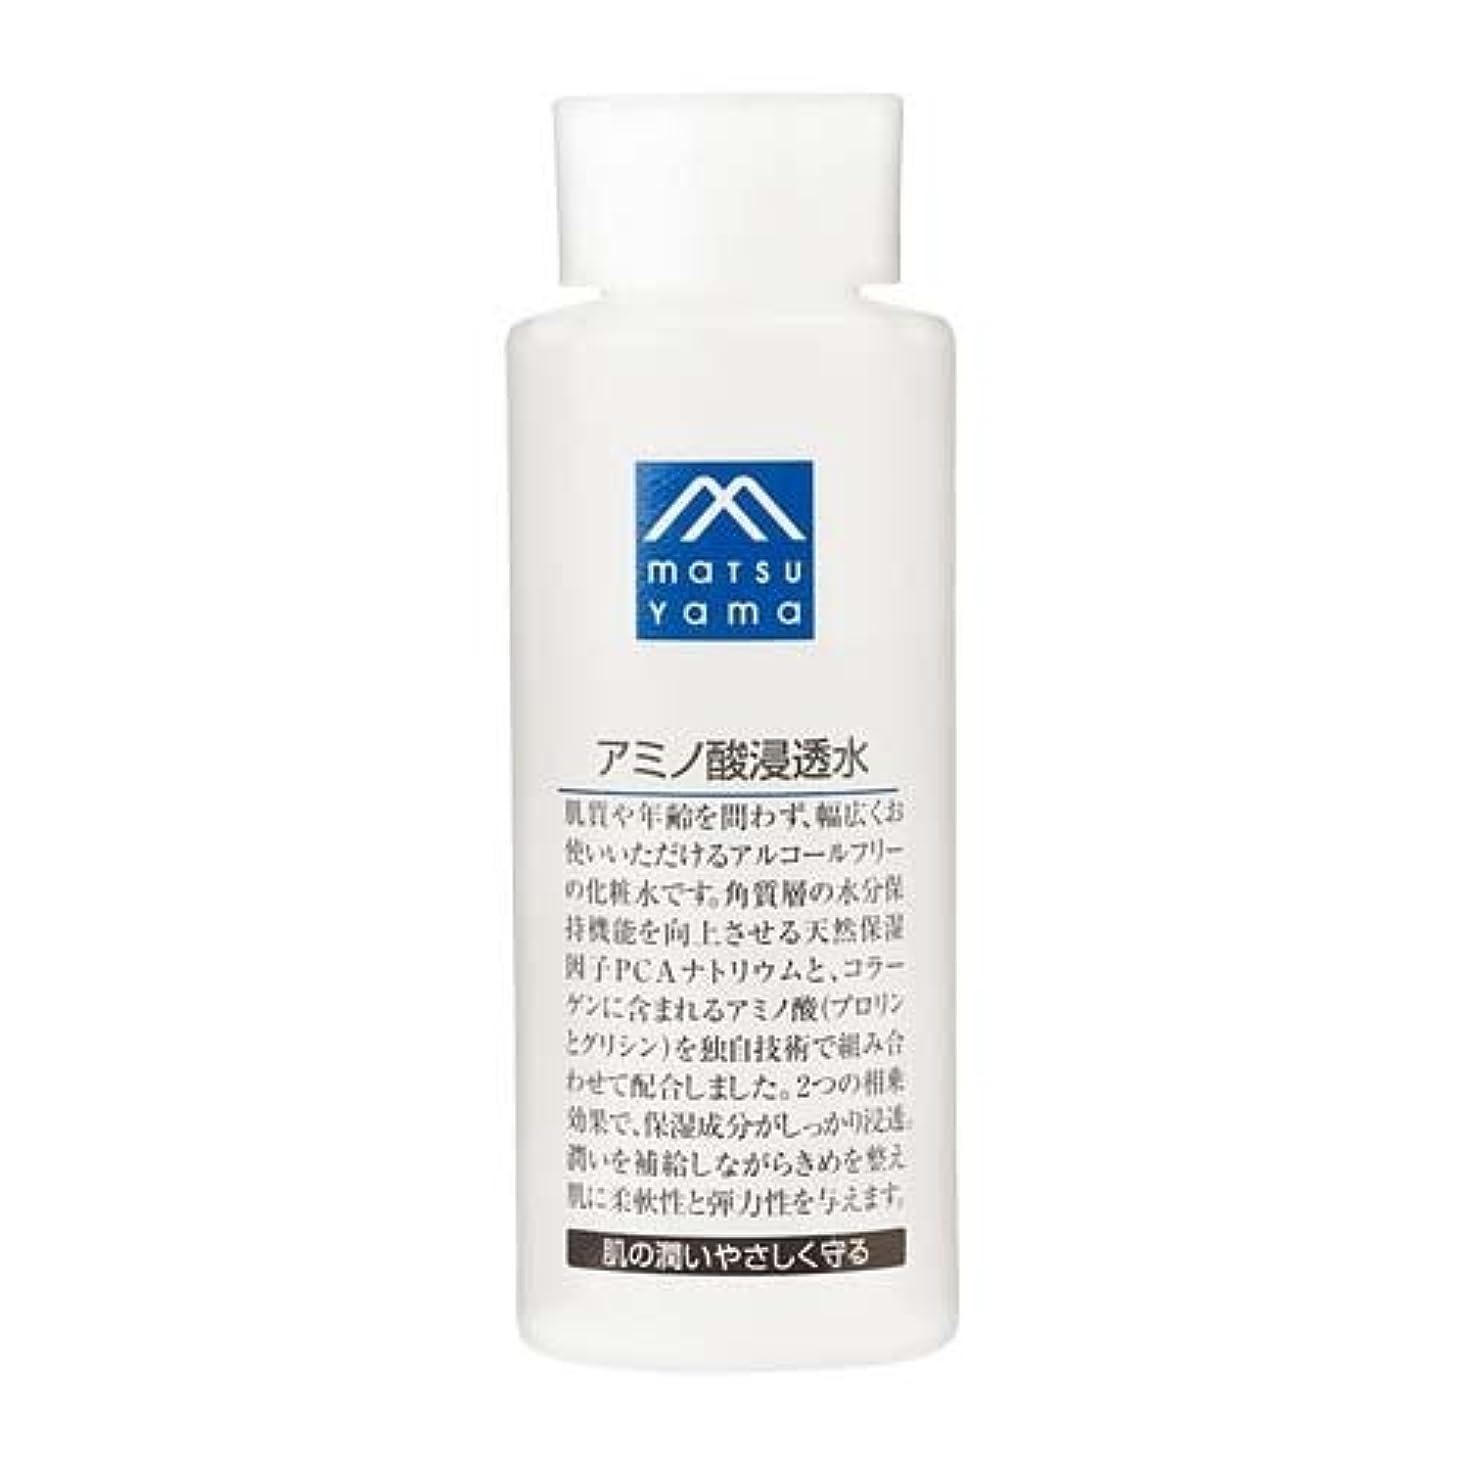 キュービック論理的に居心地の良い松山油脂 アミノ酸浸透水 180mL